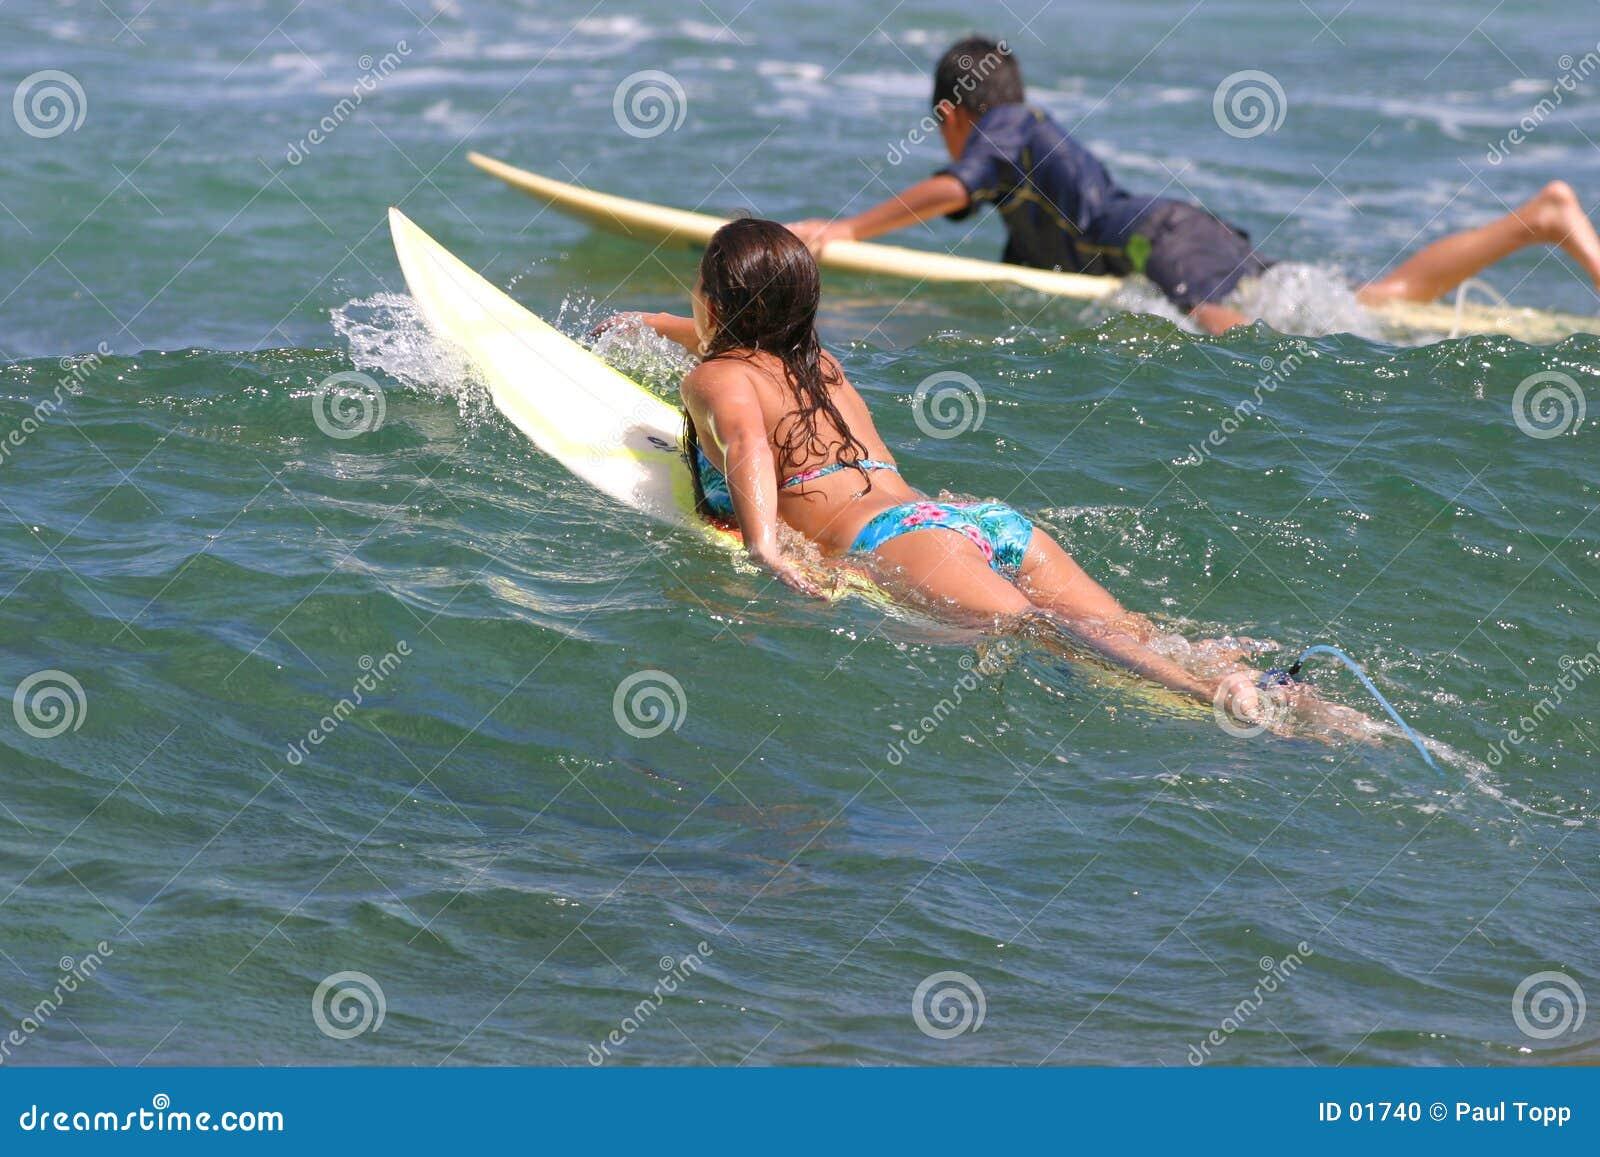 Allez surfer